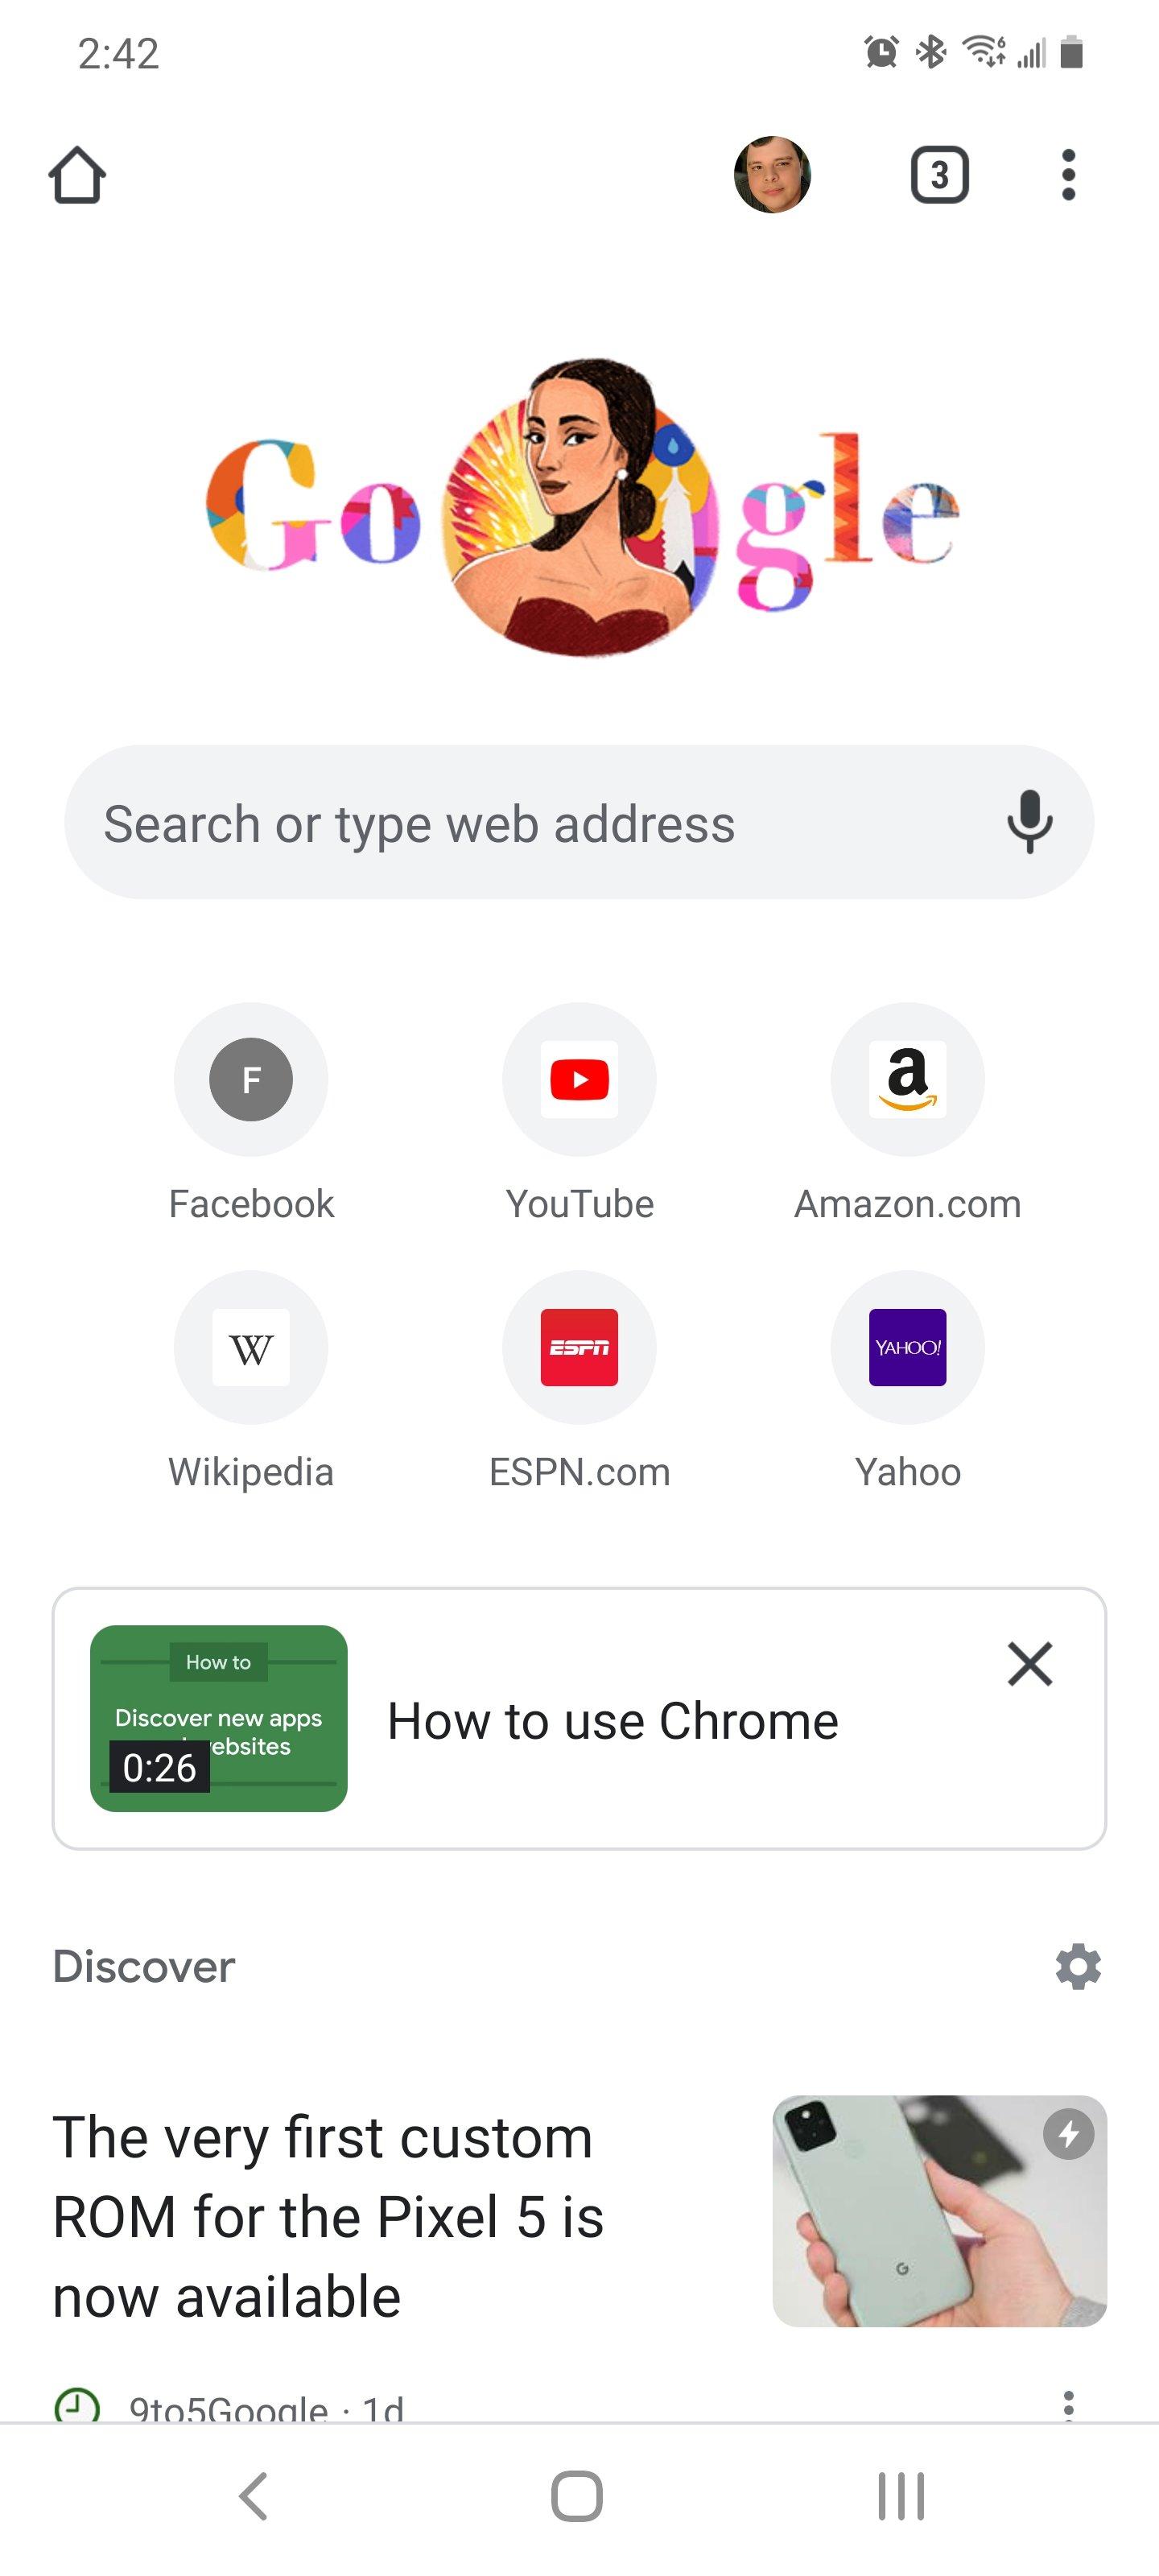 exemplo das páginas de ajuda e videos